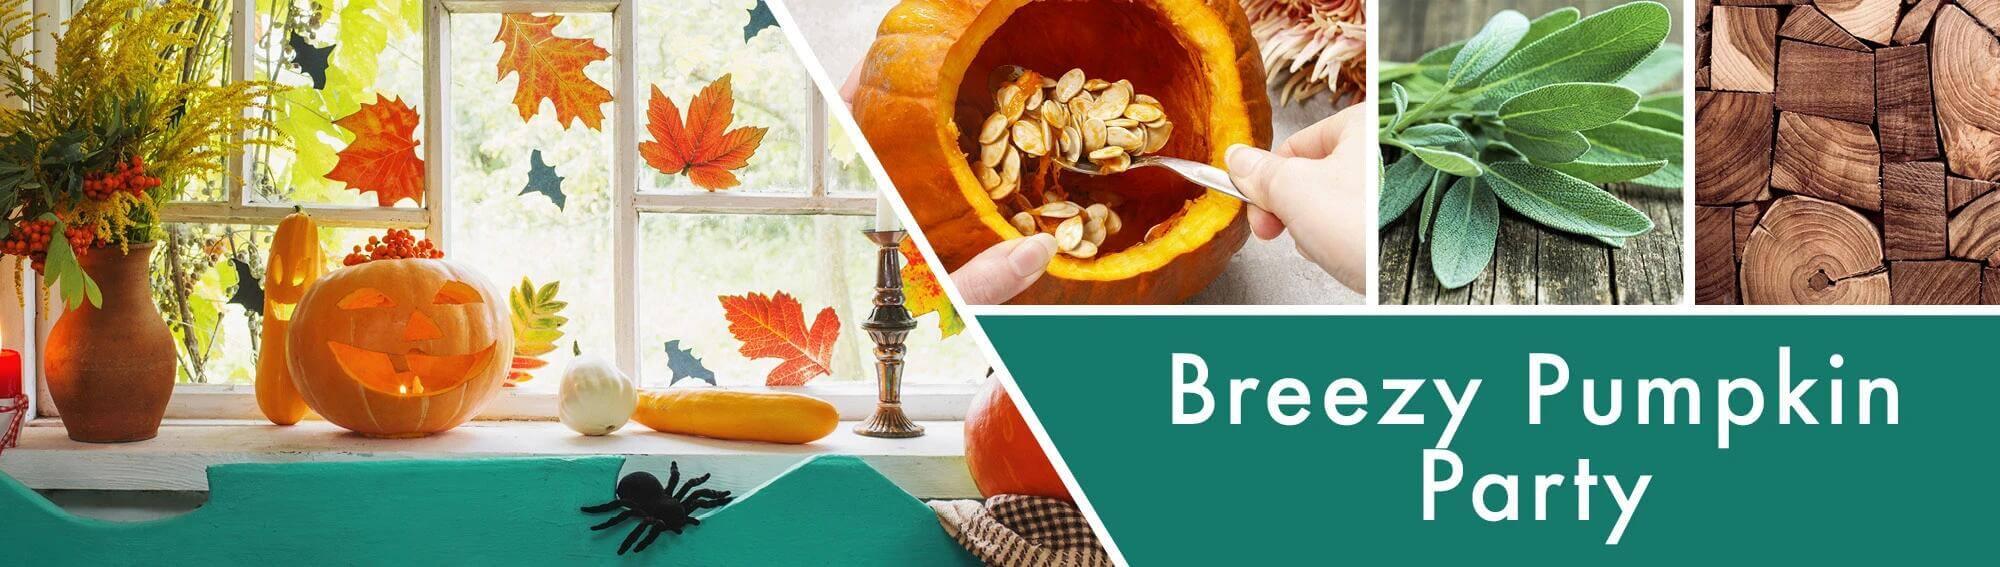 Goose-Creek-Breezy-Pumpkin-Duftbeschreibung